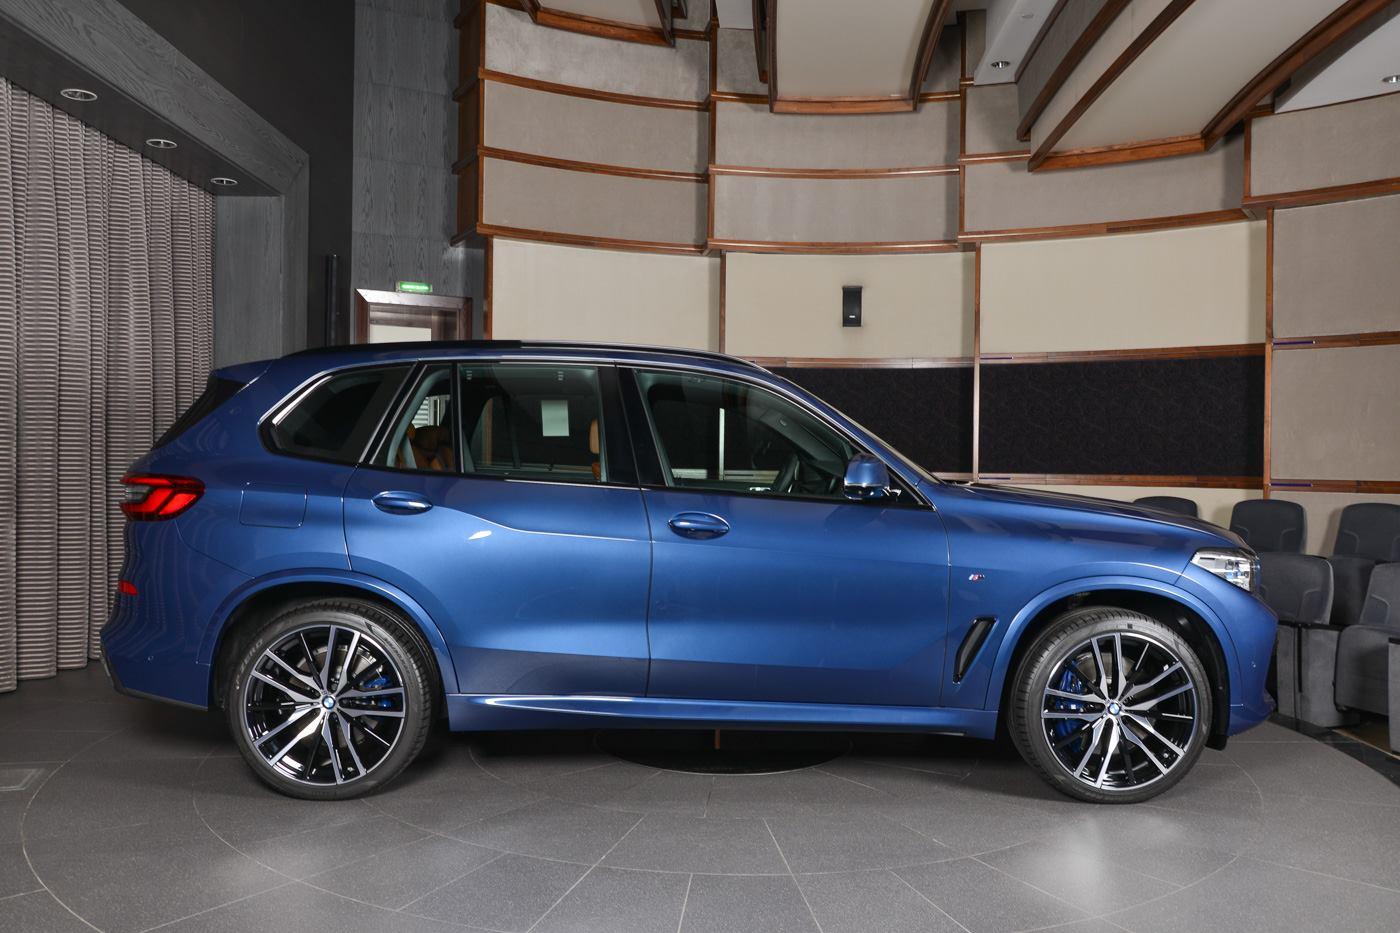 2019 BMW X5 G05 Phytonic Blue M Sport xDrive50i 04